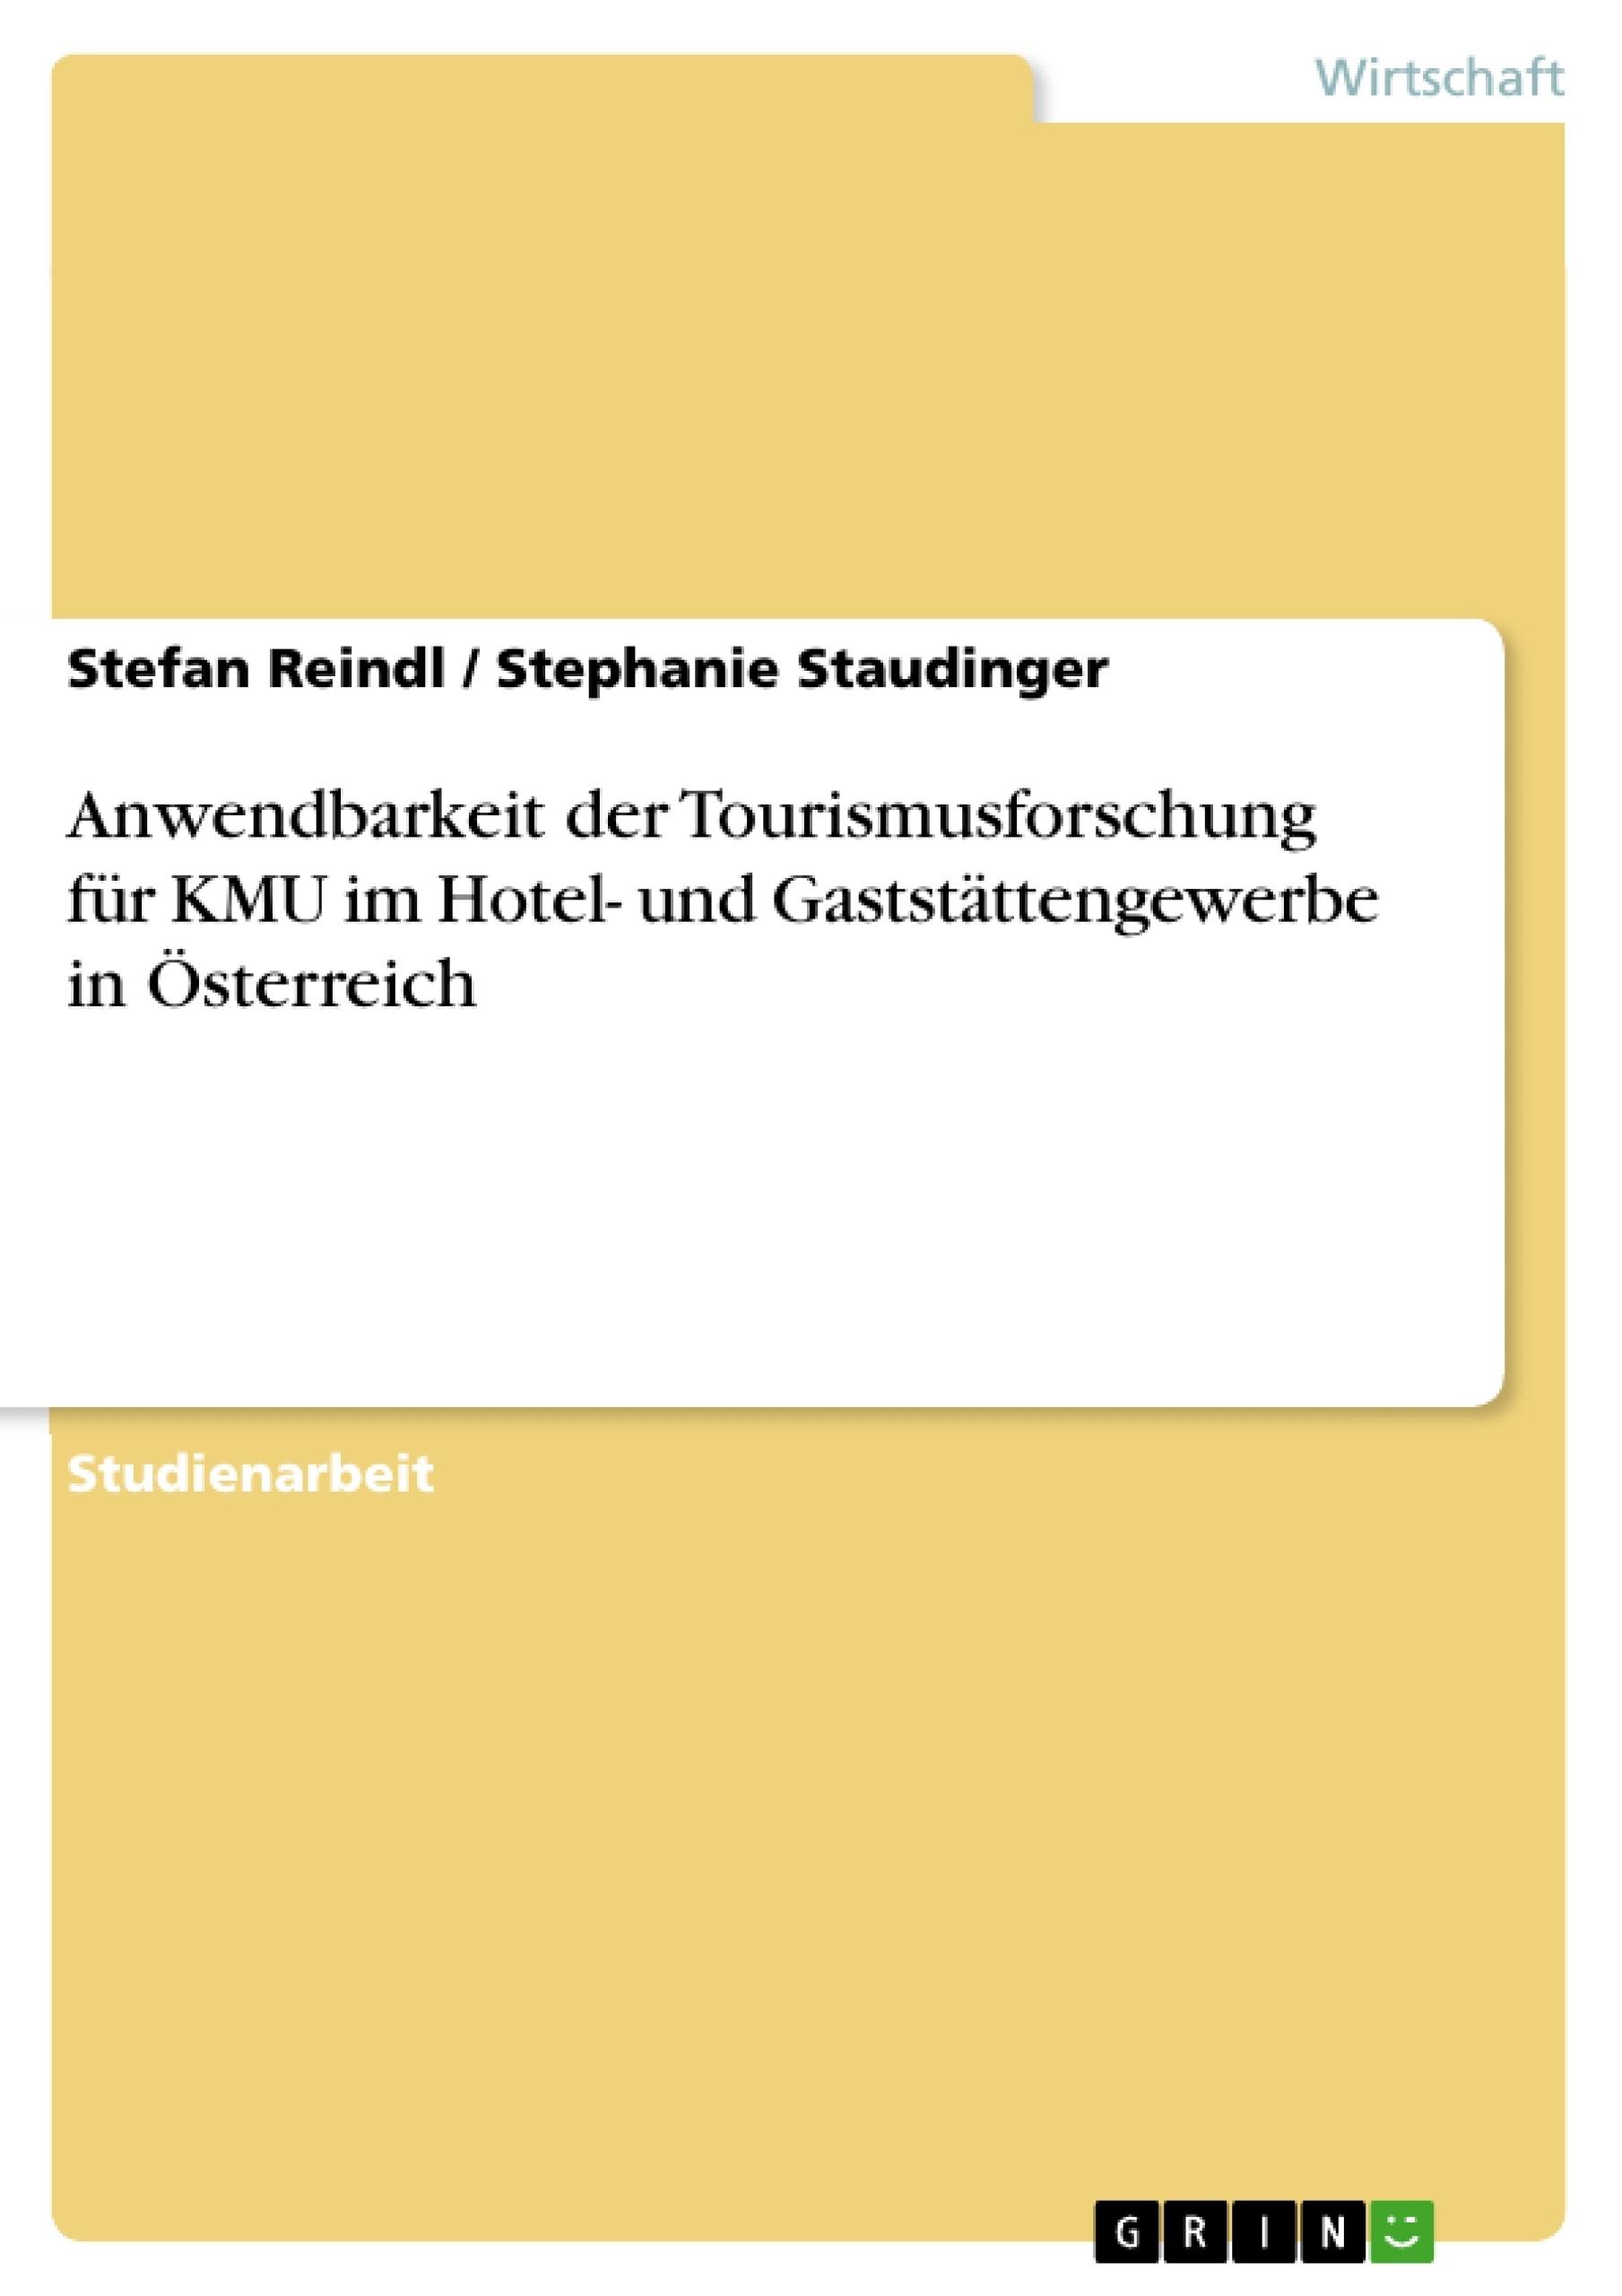 Titel: Anwendbarkeit der Tourismusforschung für KMU im Hotel- und Gaststättengewerbe in Österreich